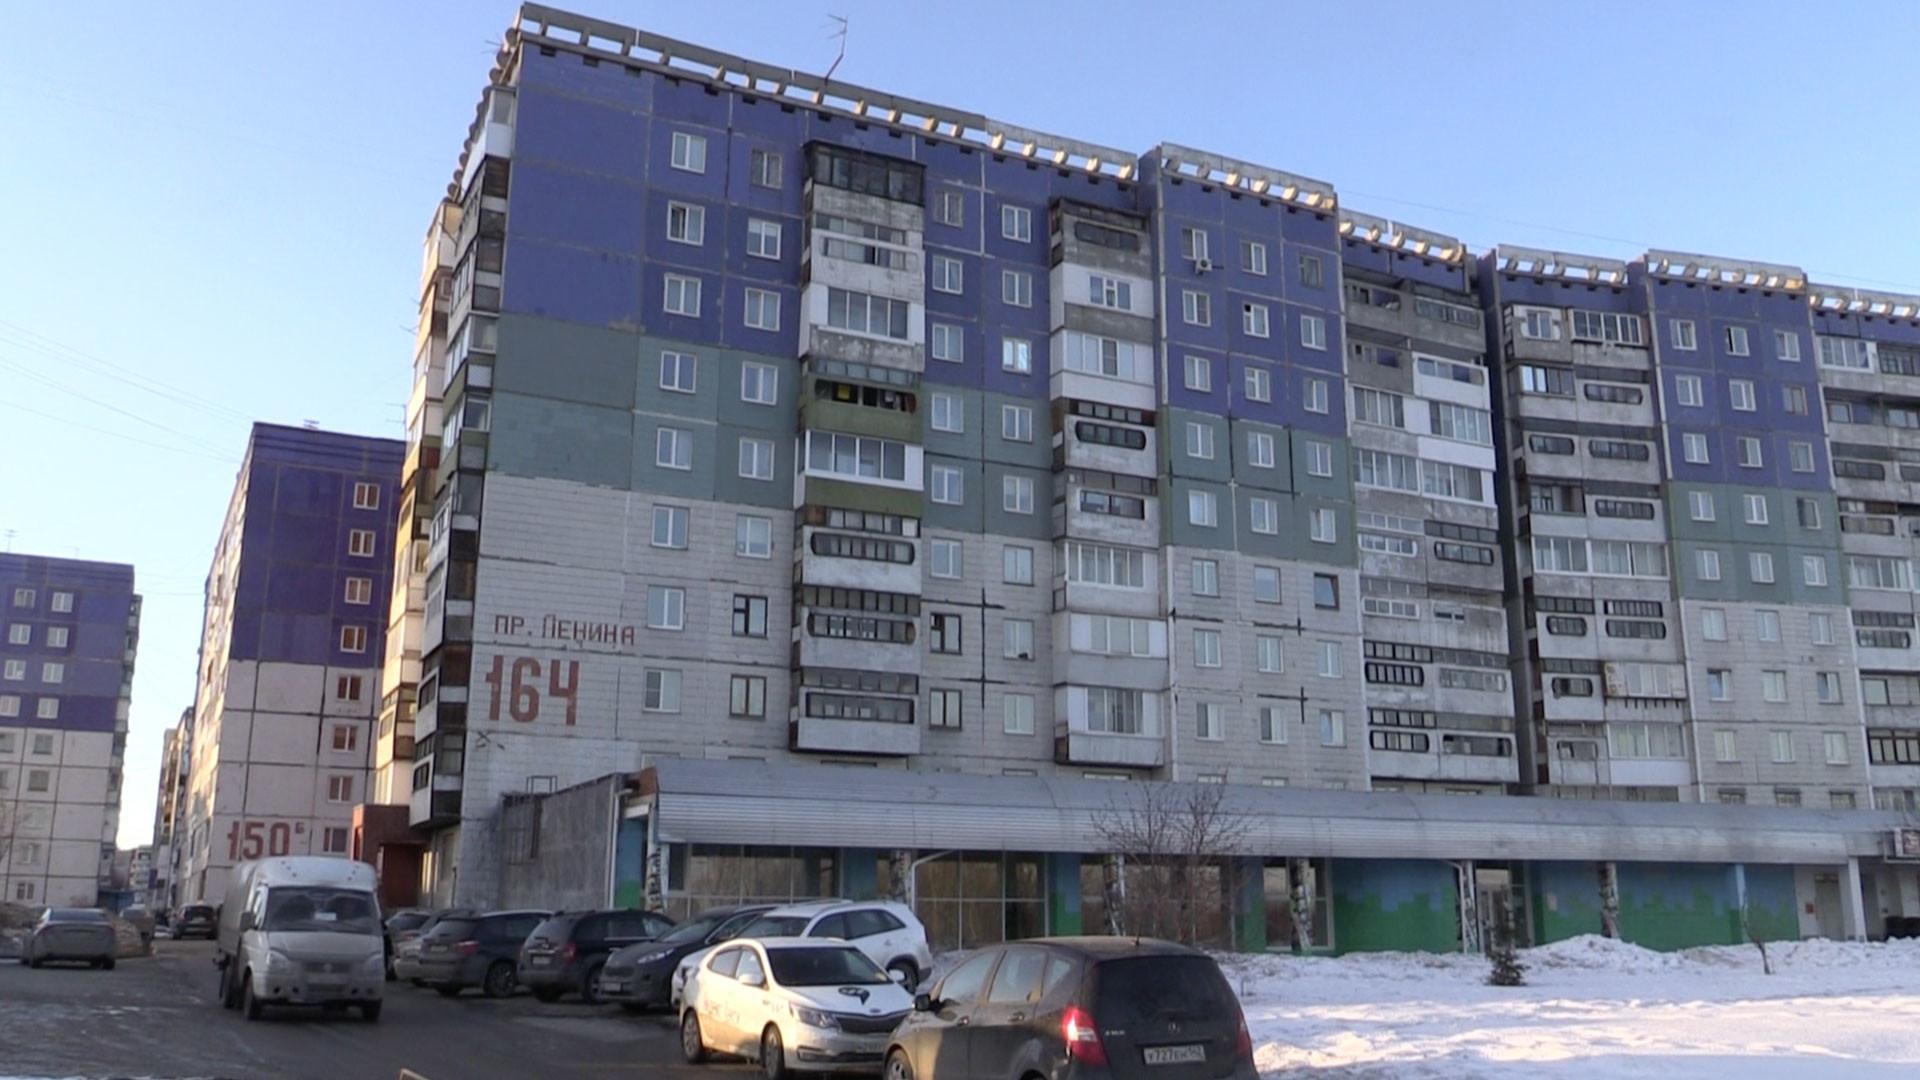 Квартира на проспекте Ленина, 164 Фото © L!FE